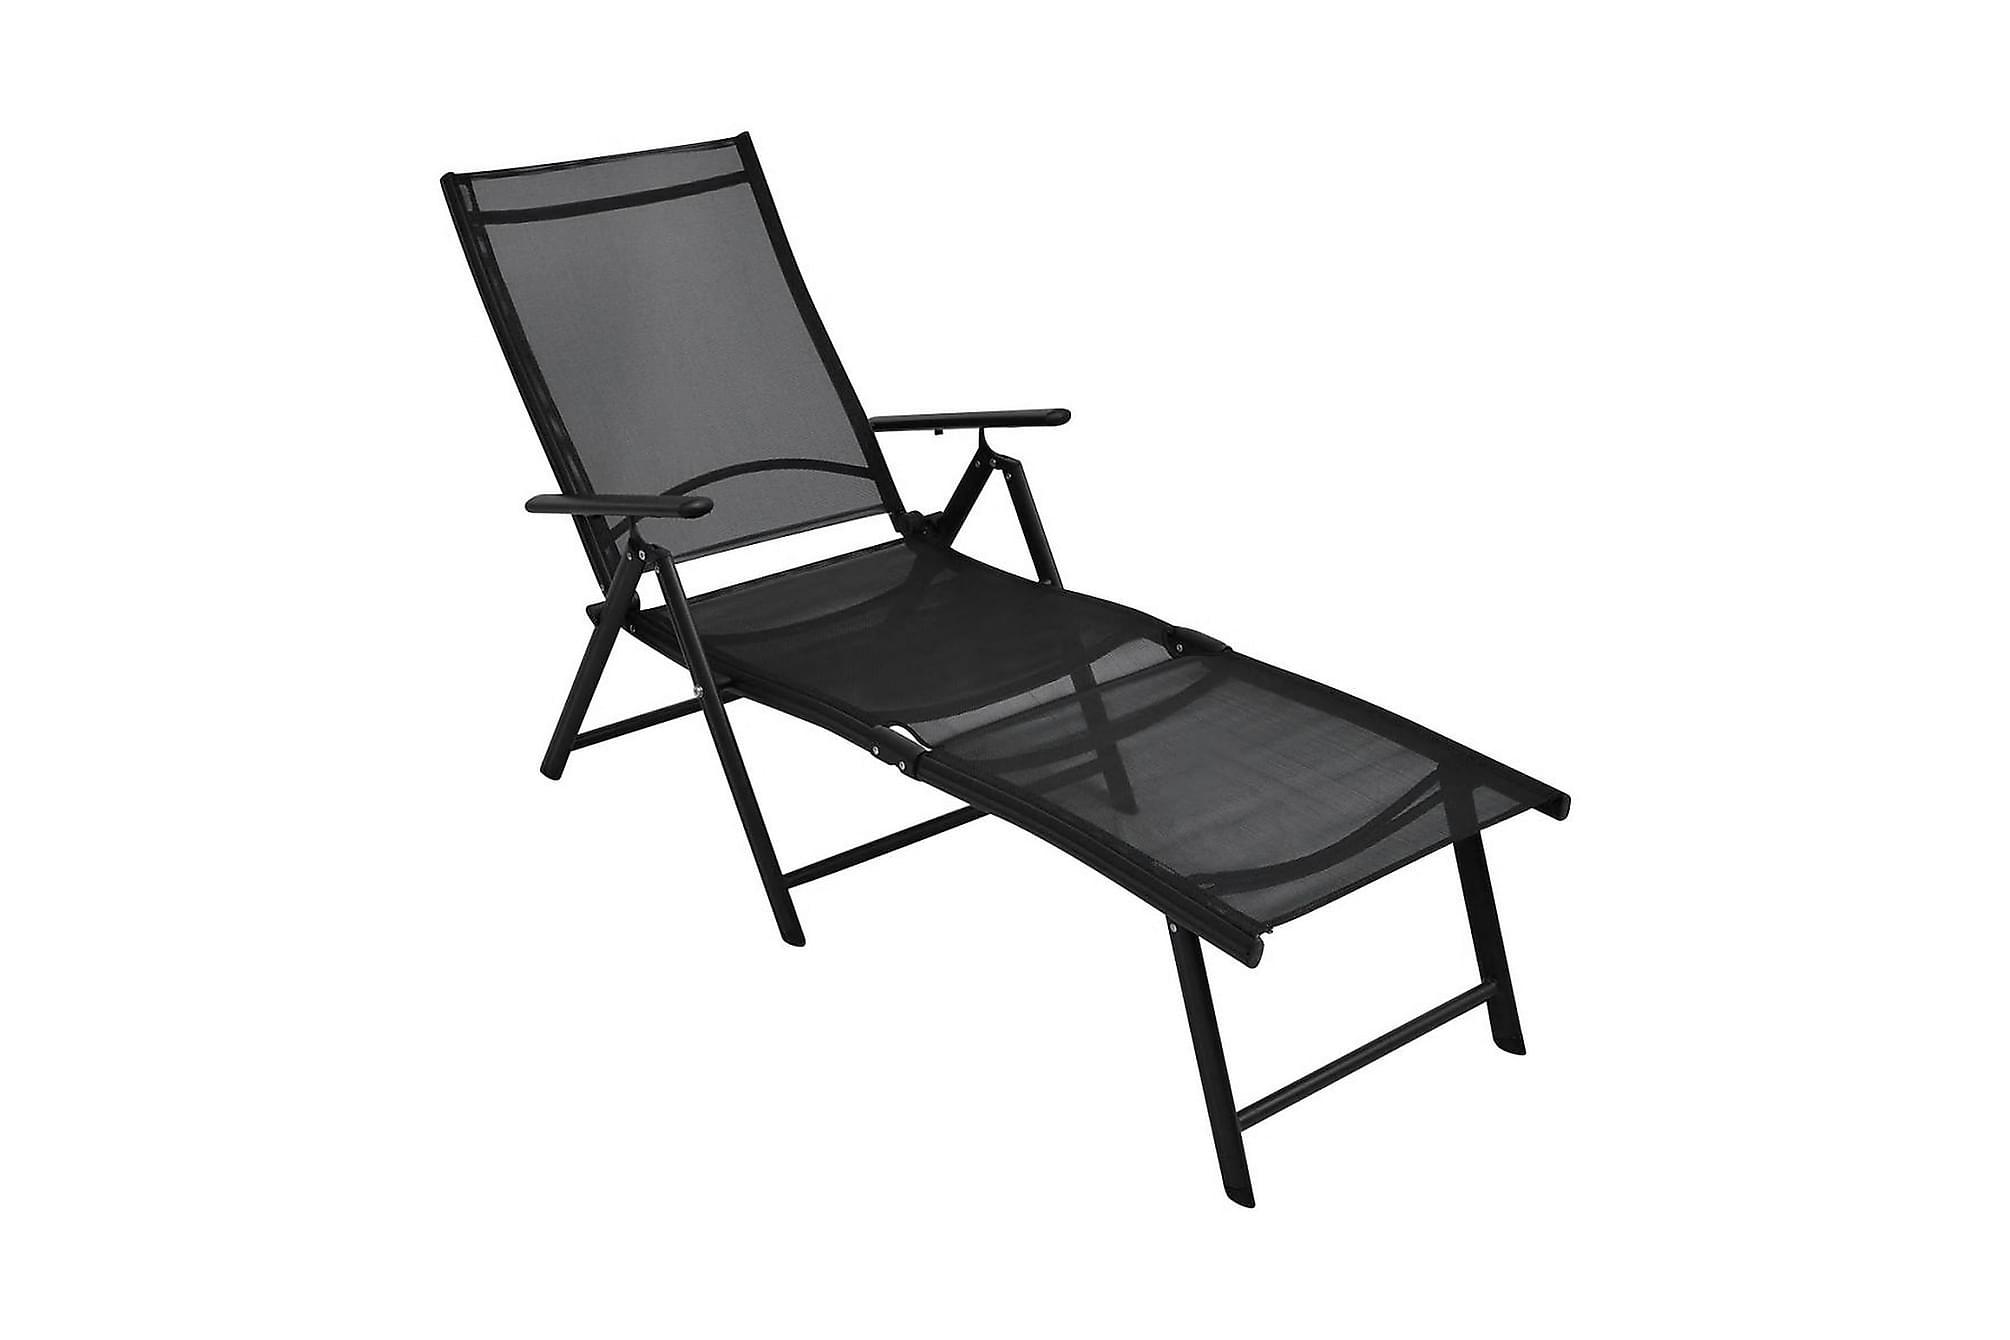 Hopfällbar solsäng aluminium svart, Solsängar & solvagnar